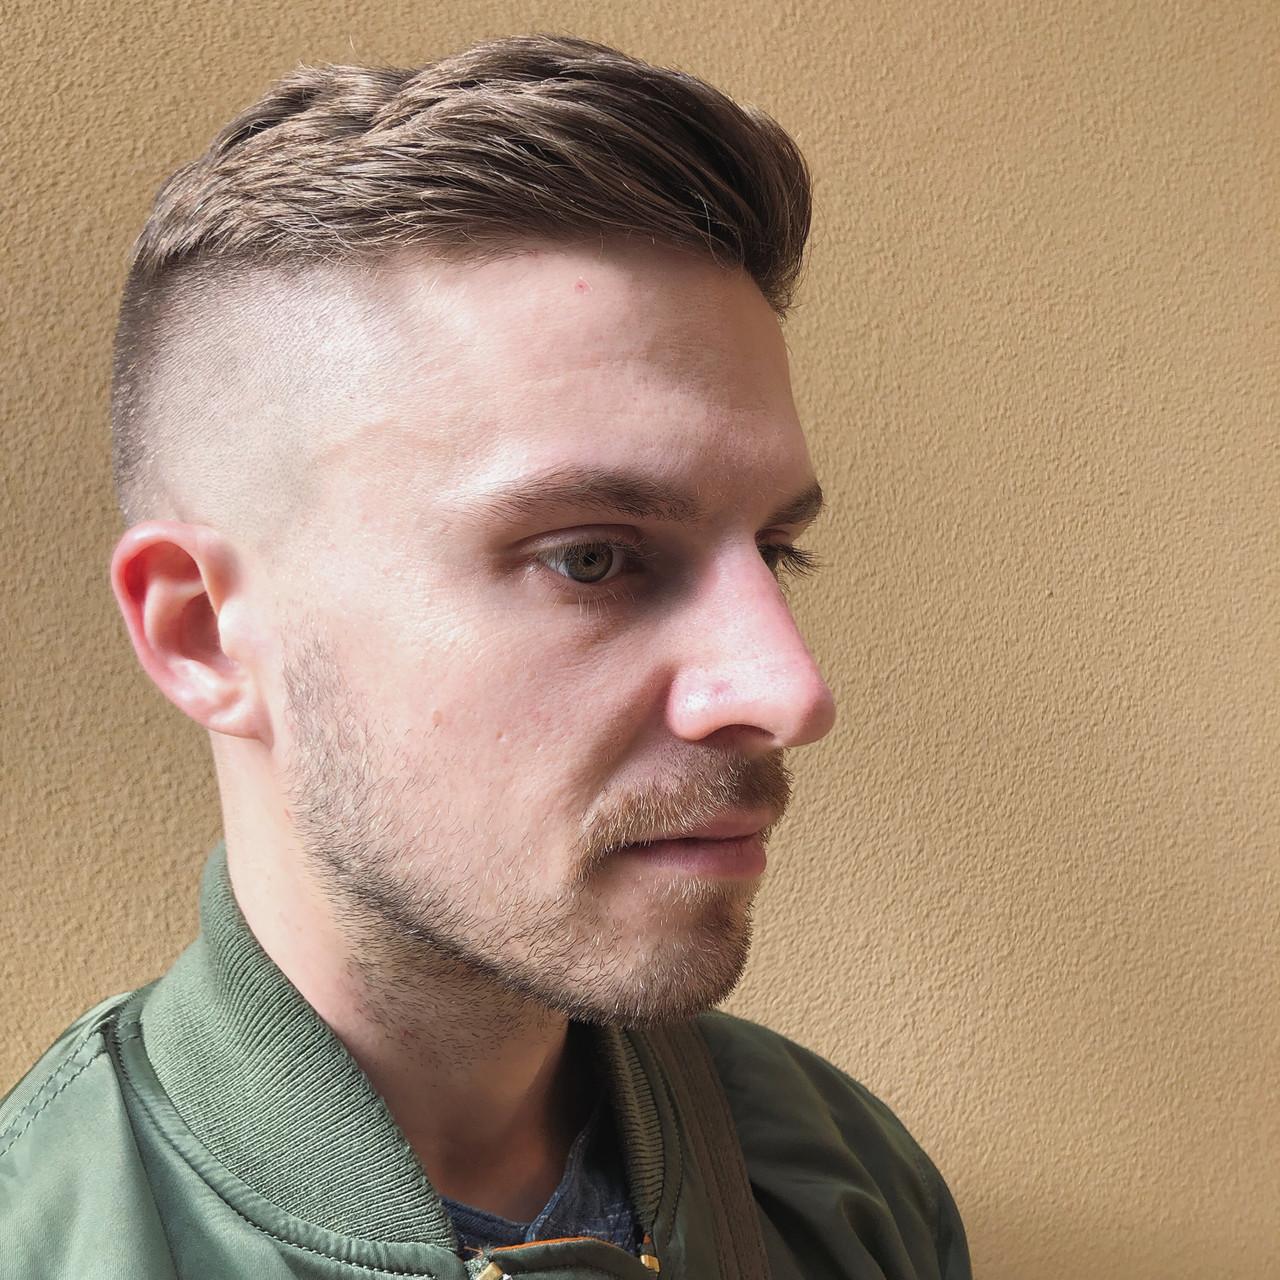 ショート 刈り上げ ボーイッシュ ストリート ヘアスタイルや髪型の写真・画像 | イシガキ ダイスケ / C-LOVe 中目黒